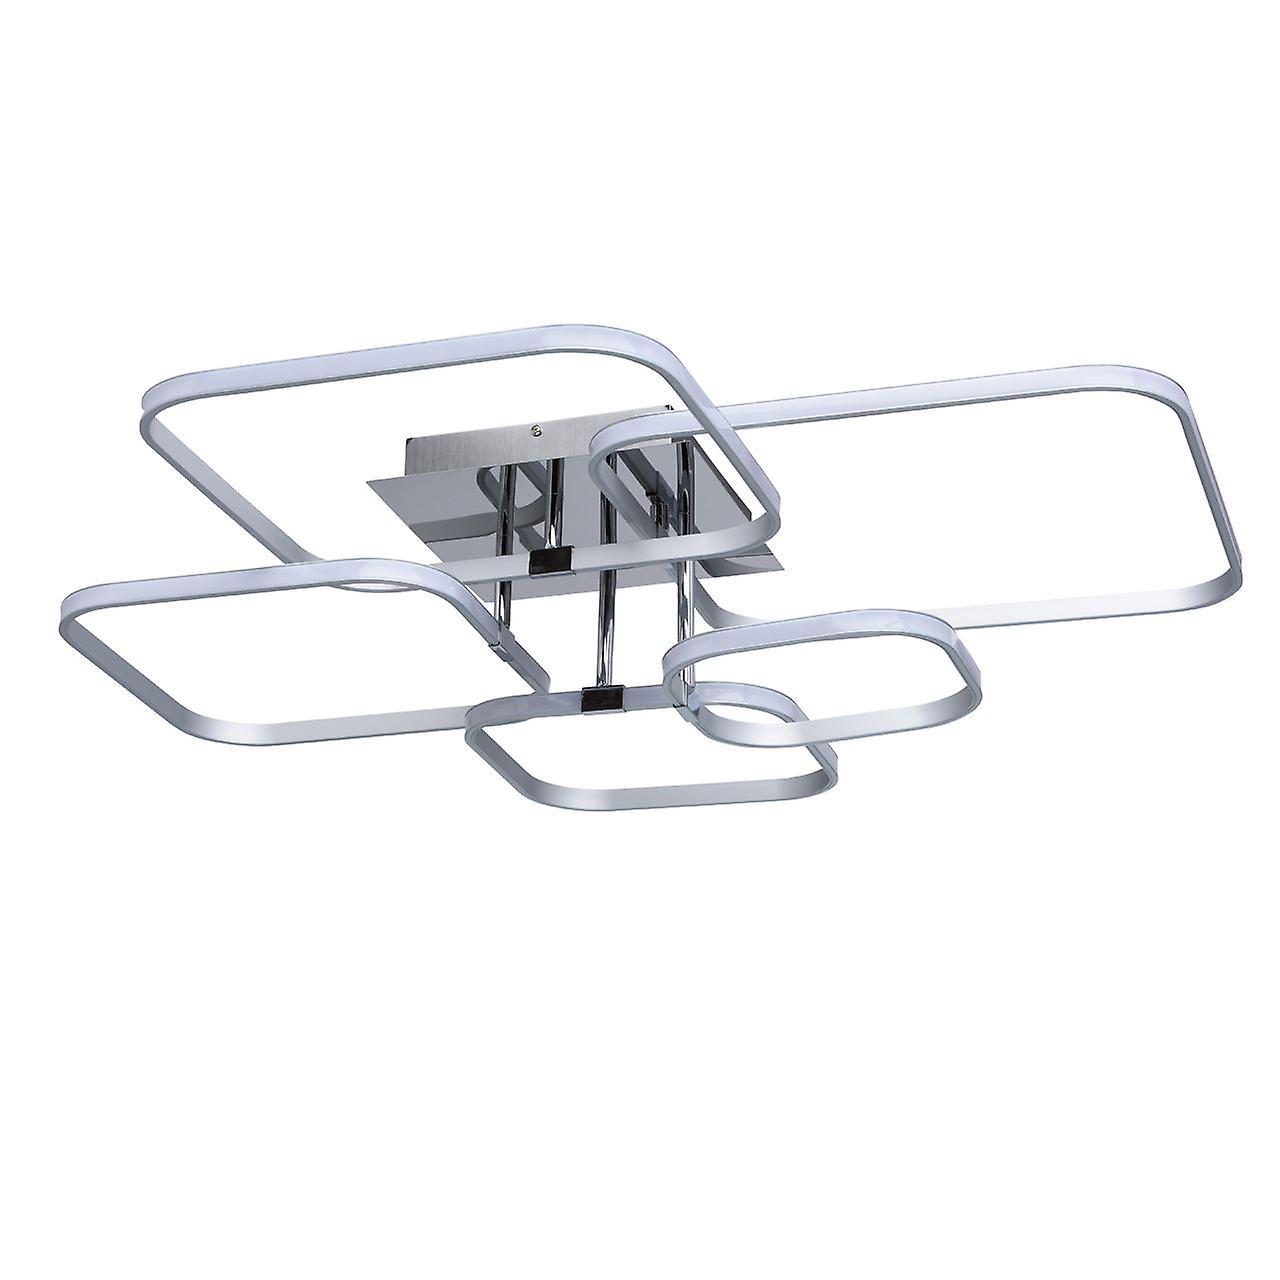 Glasberg - LED Semi-Flush Ceiling lumière Square Design Chrome Finish 496013305